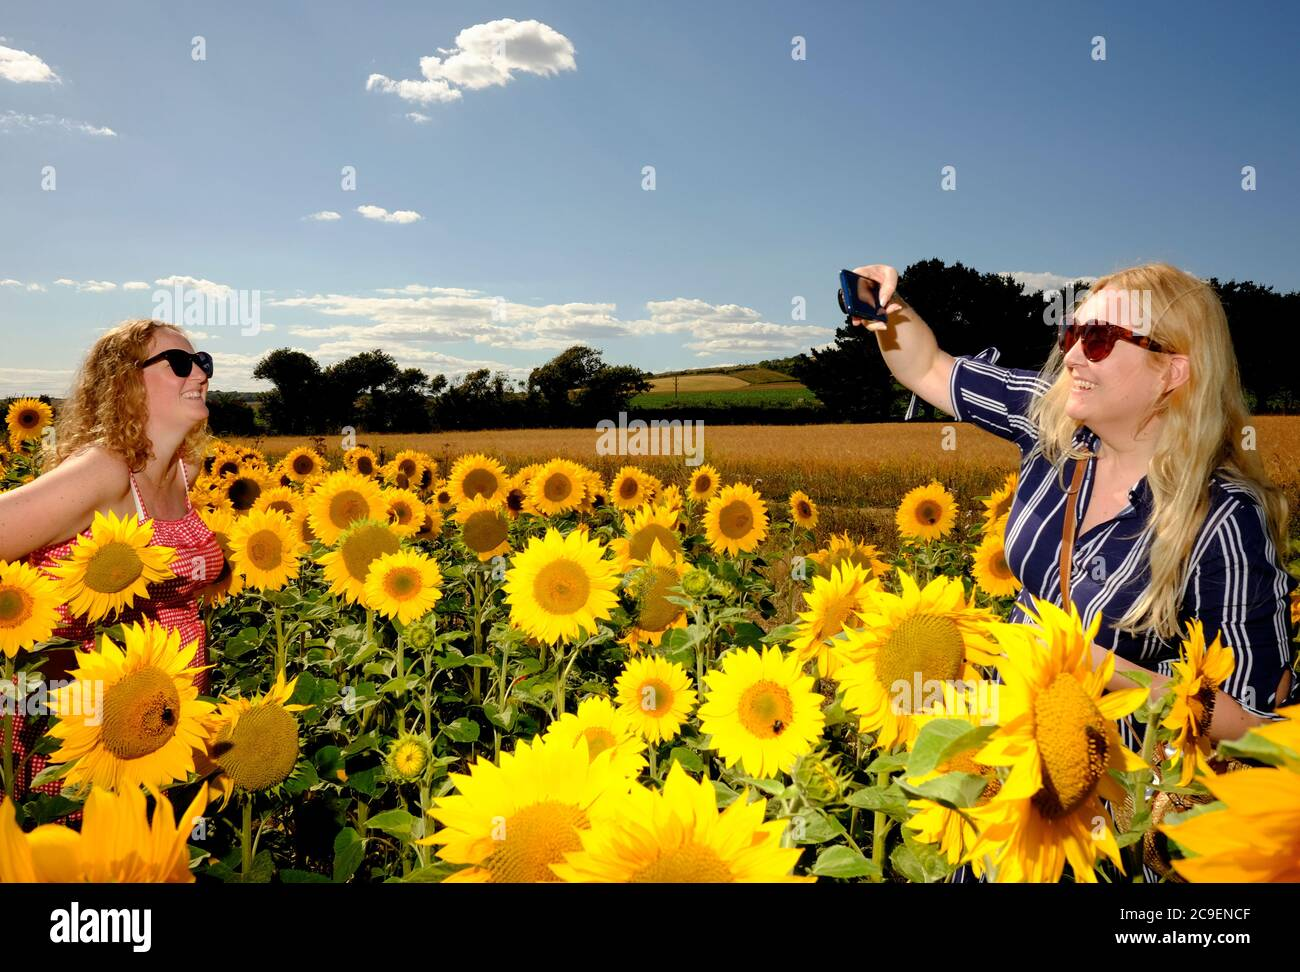 Girasoles Mujeres Fotos E Imagenes De Stock Alamy Año tras año, muchos como tú las demandan a medida que se acerca el 8 de marzo. https www alamy es dos mujeres en un campo de girasoles una tomando una foto de la otra ambas sonriendo y divirtiendose image367273775 html